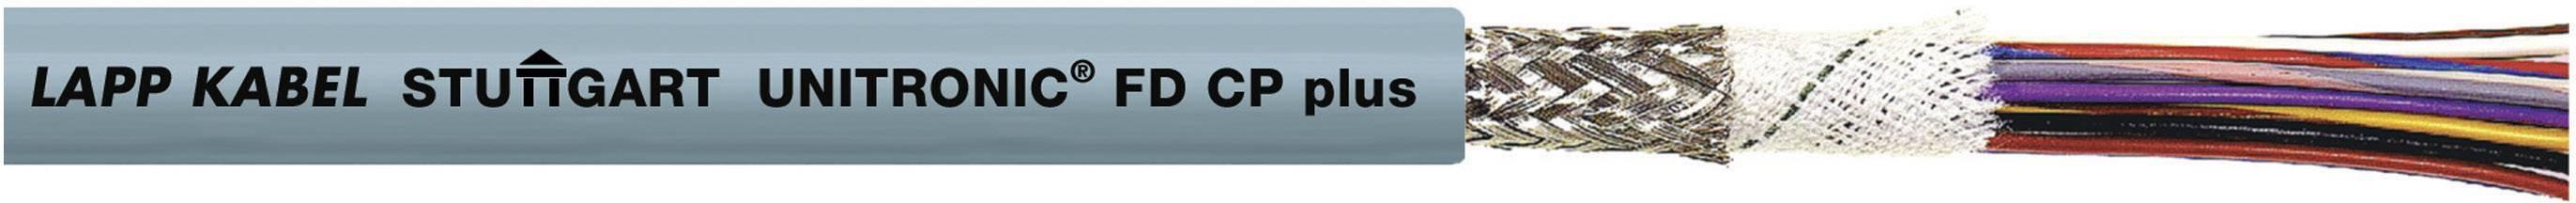 Datový kabel LappKabel UNITRONIC FD CP PLUS 2X0,34 (0028898), 2x 0,34 mm², Ø 5,3 mm, stíněný, 100 m, šedá